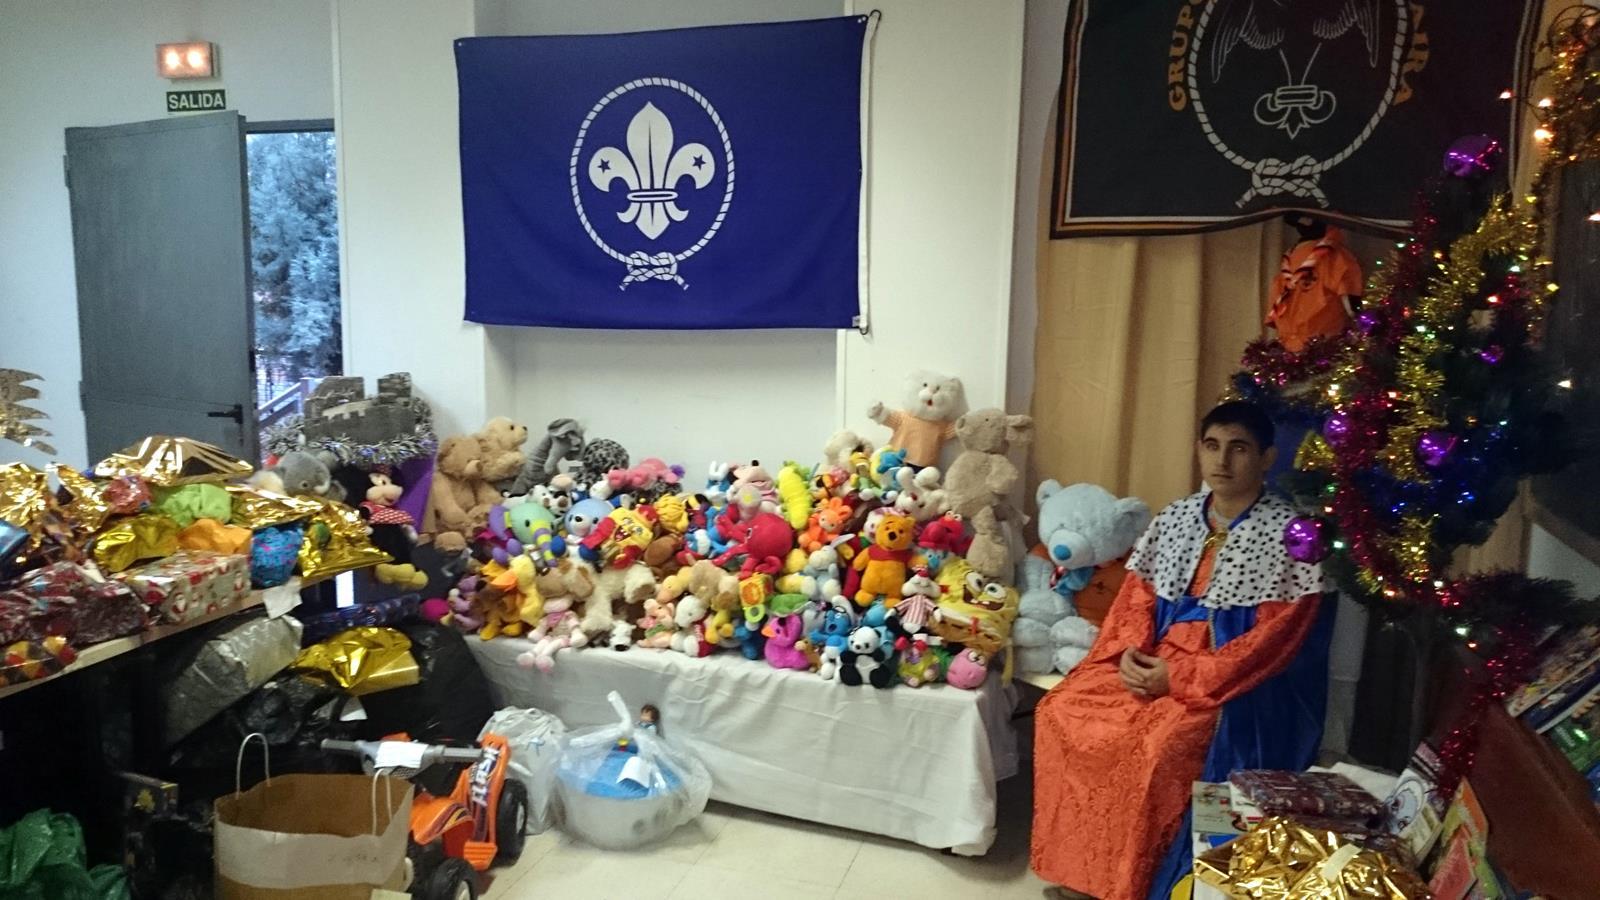 Ampa csb madrid resultado ii campa a de recogida de juguetes for Autoescuela colonia jardin